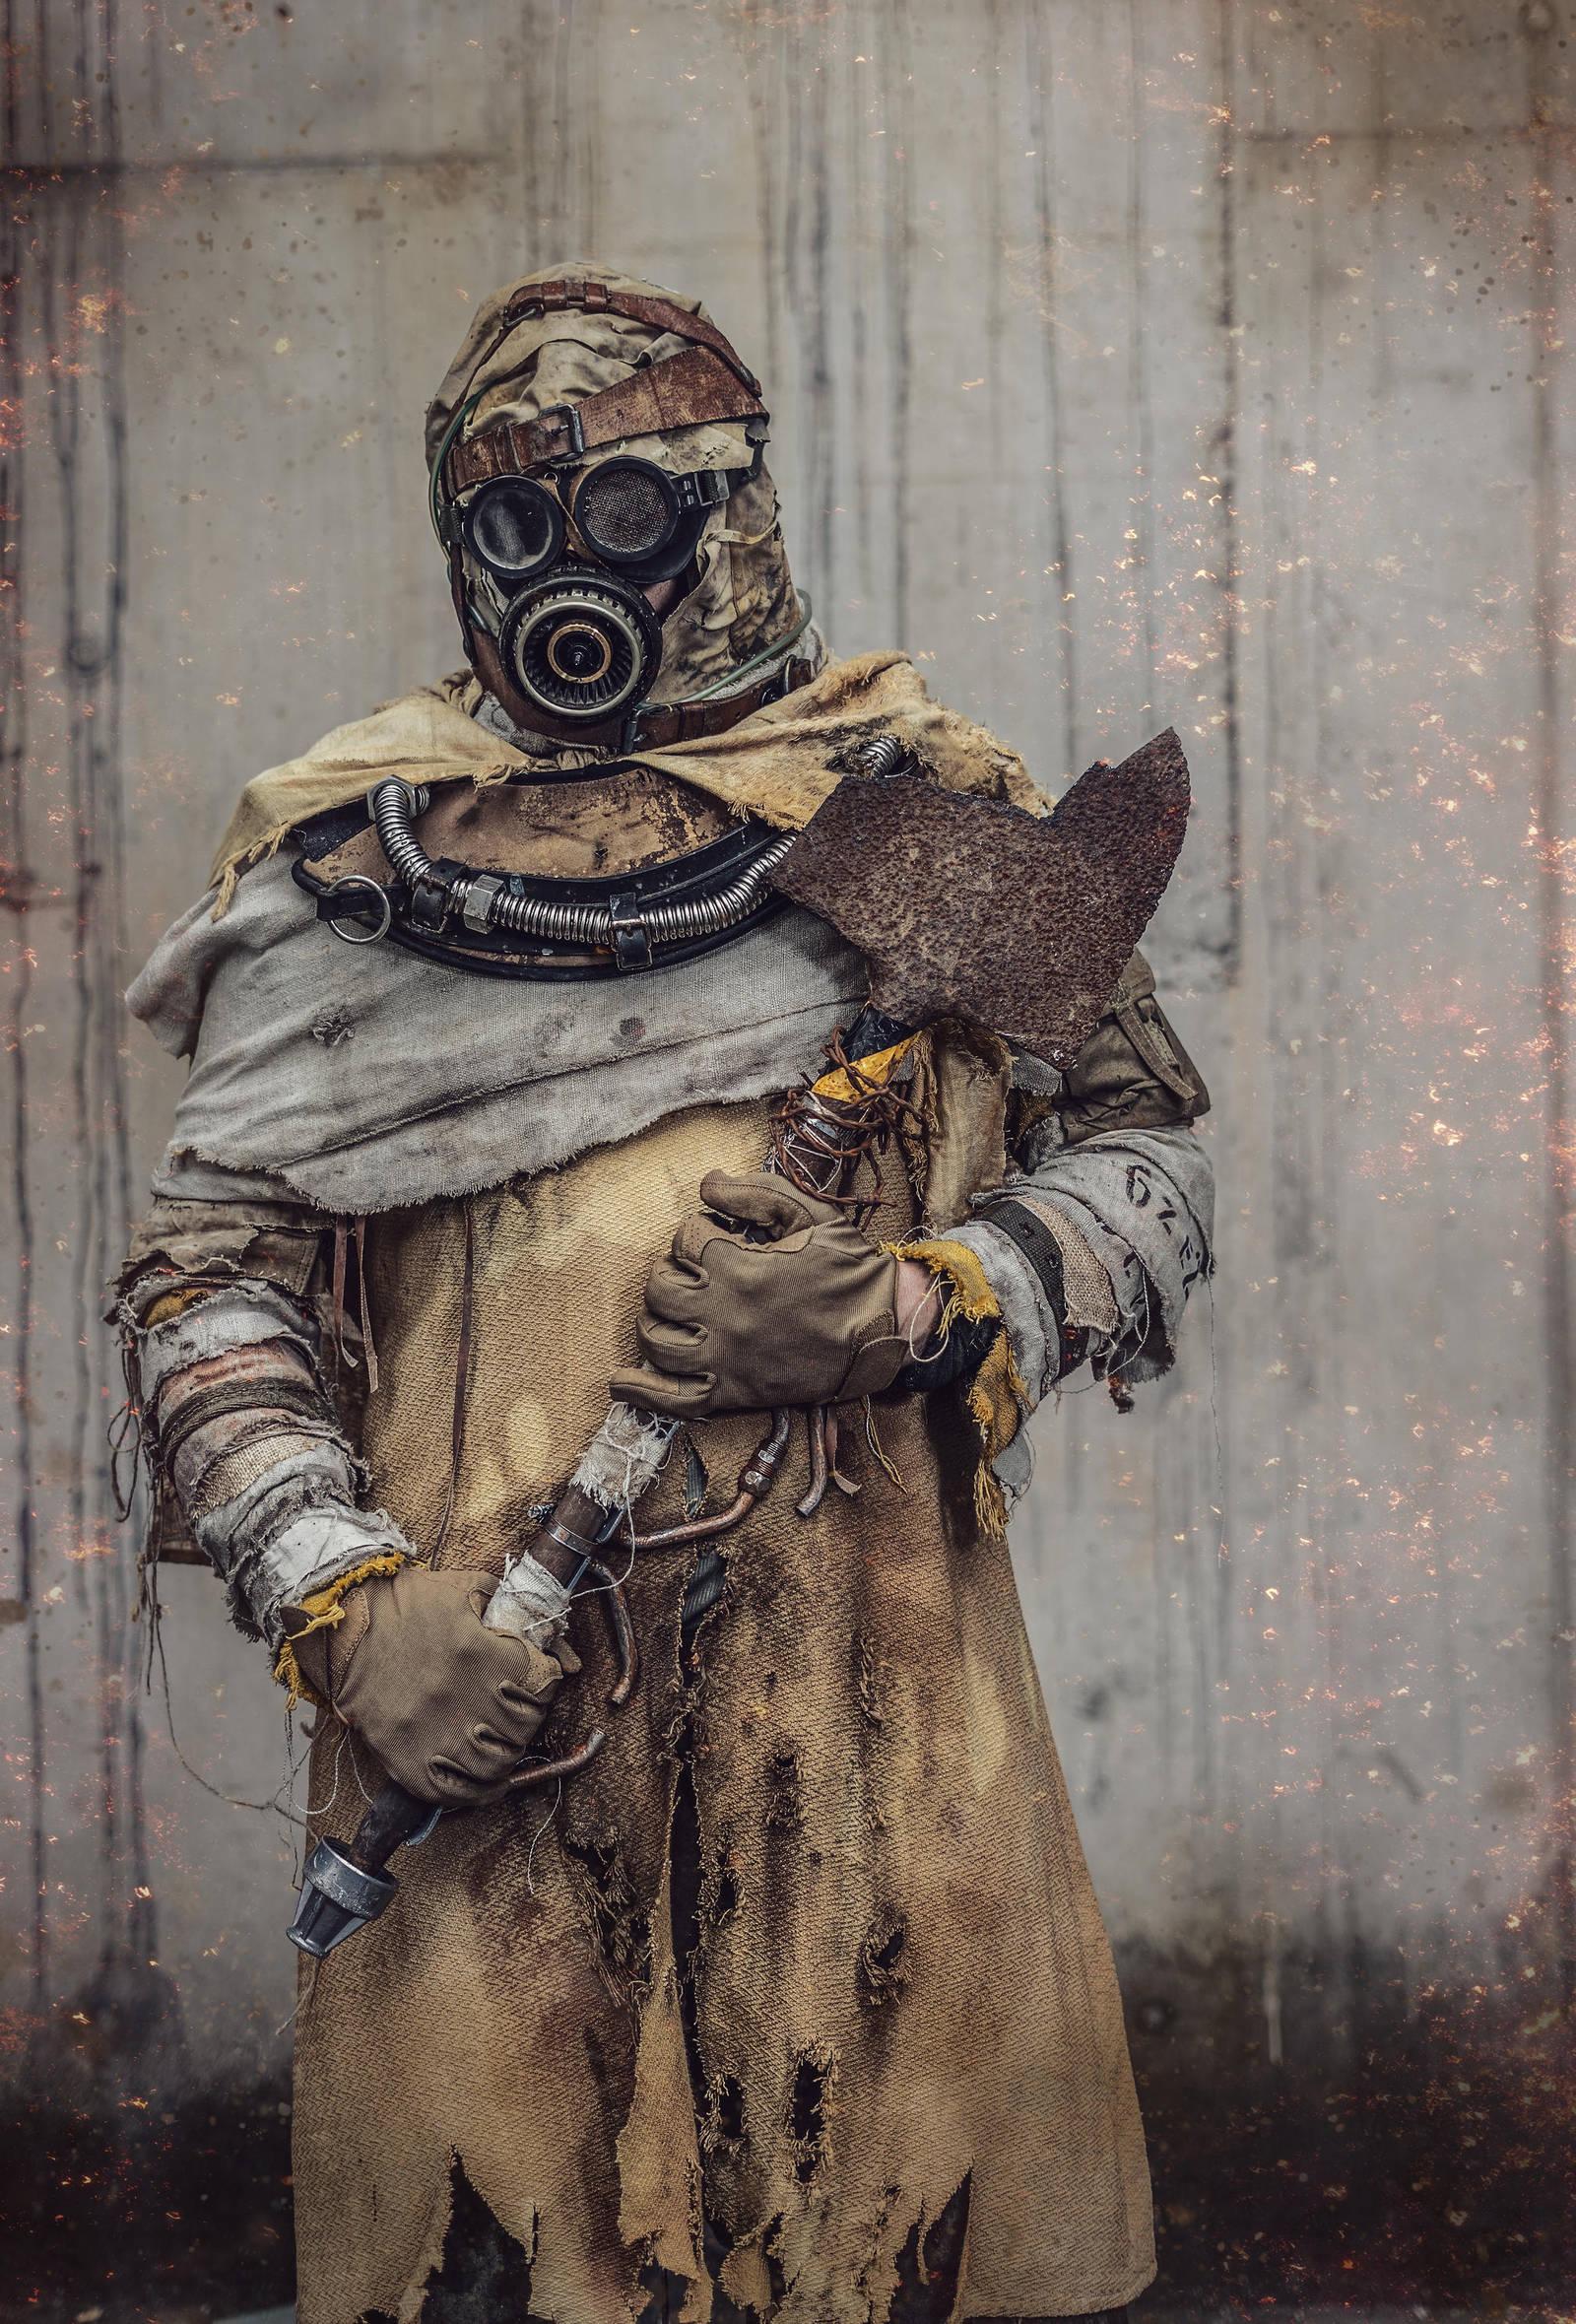 Post apocalyptic desert raider by AestheticApocalypse